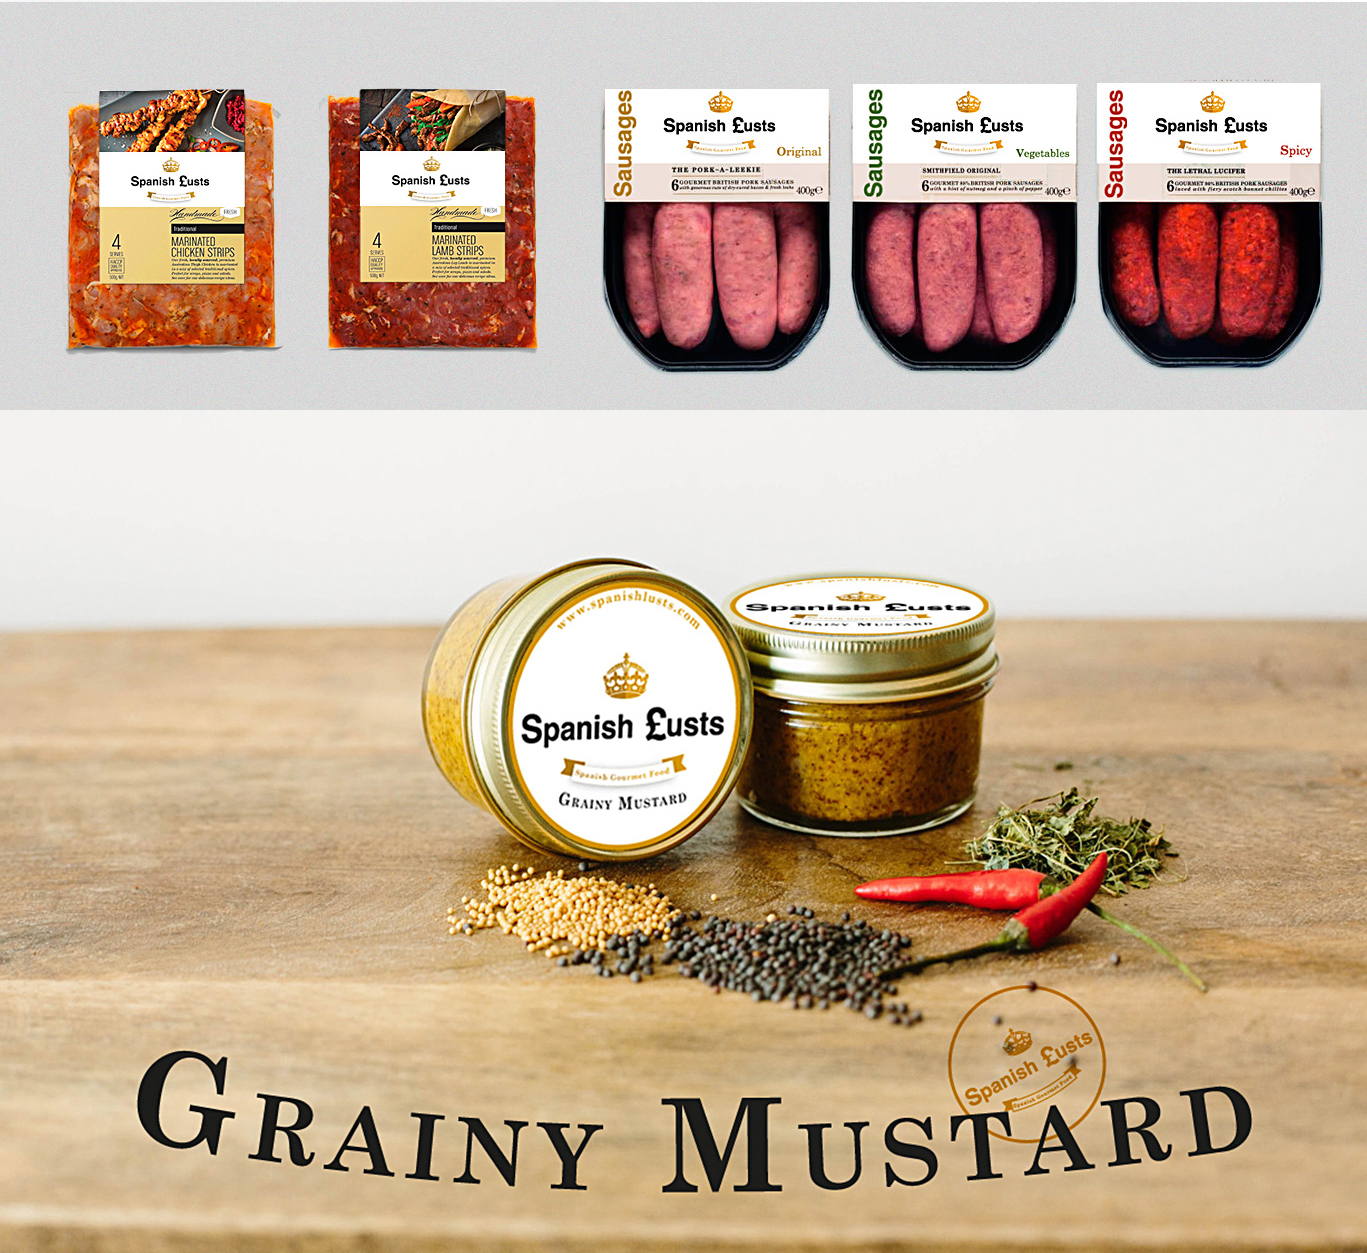 Diseño gráfico Albacete, diseño de packaging, fotografía de producto, packaging para productos de Spanish Lusts